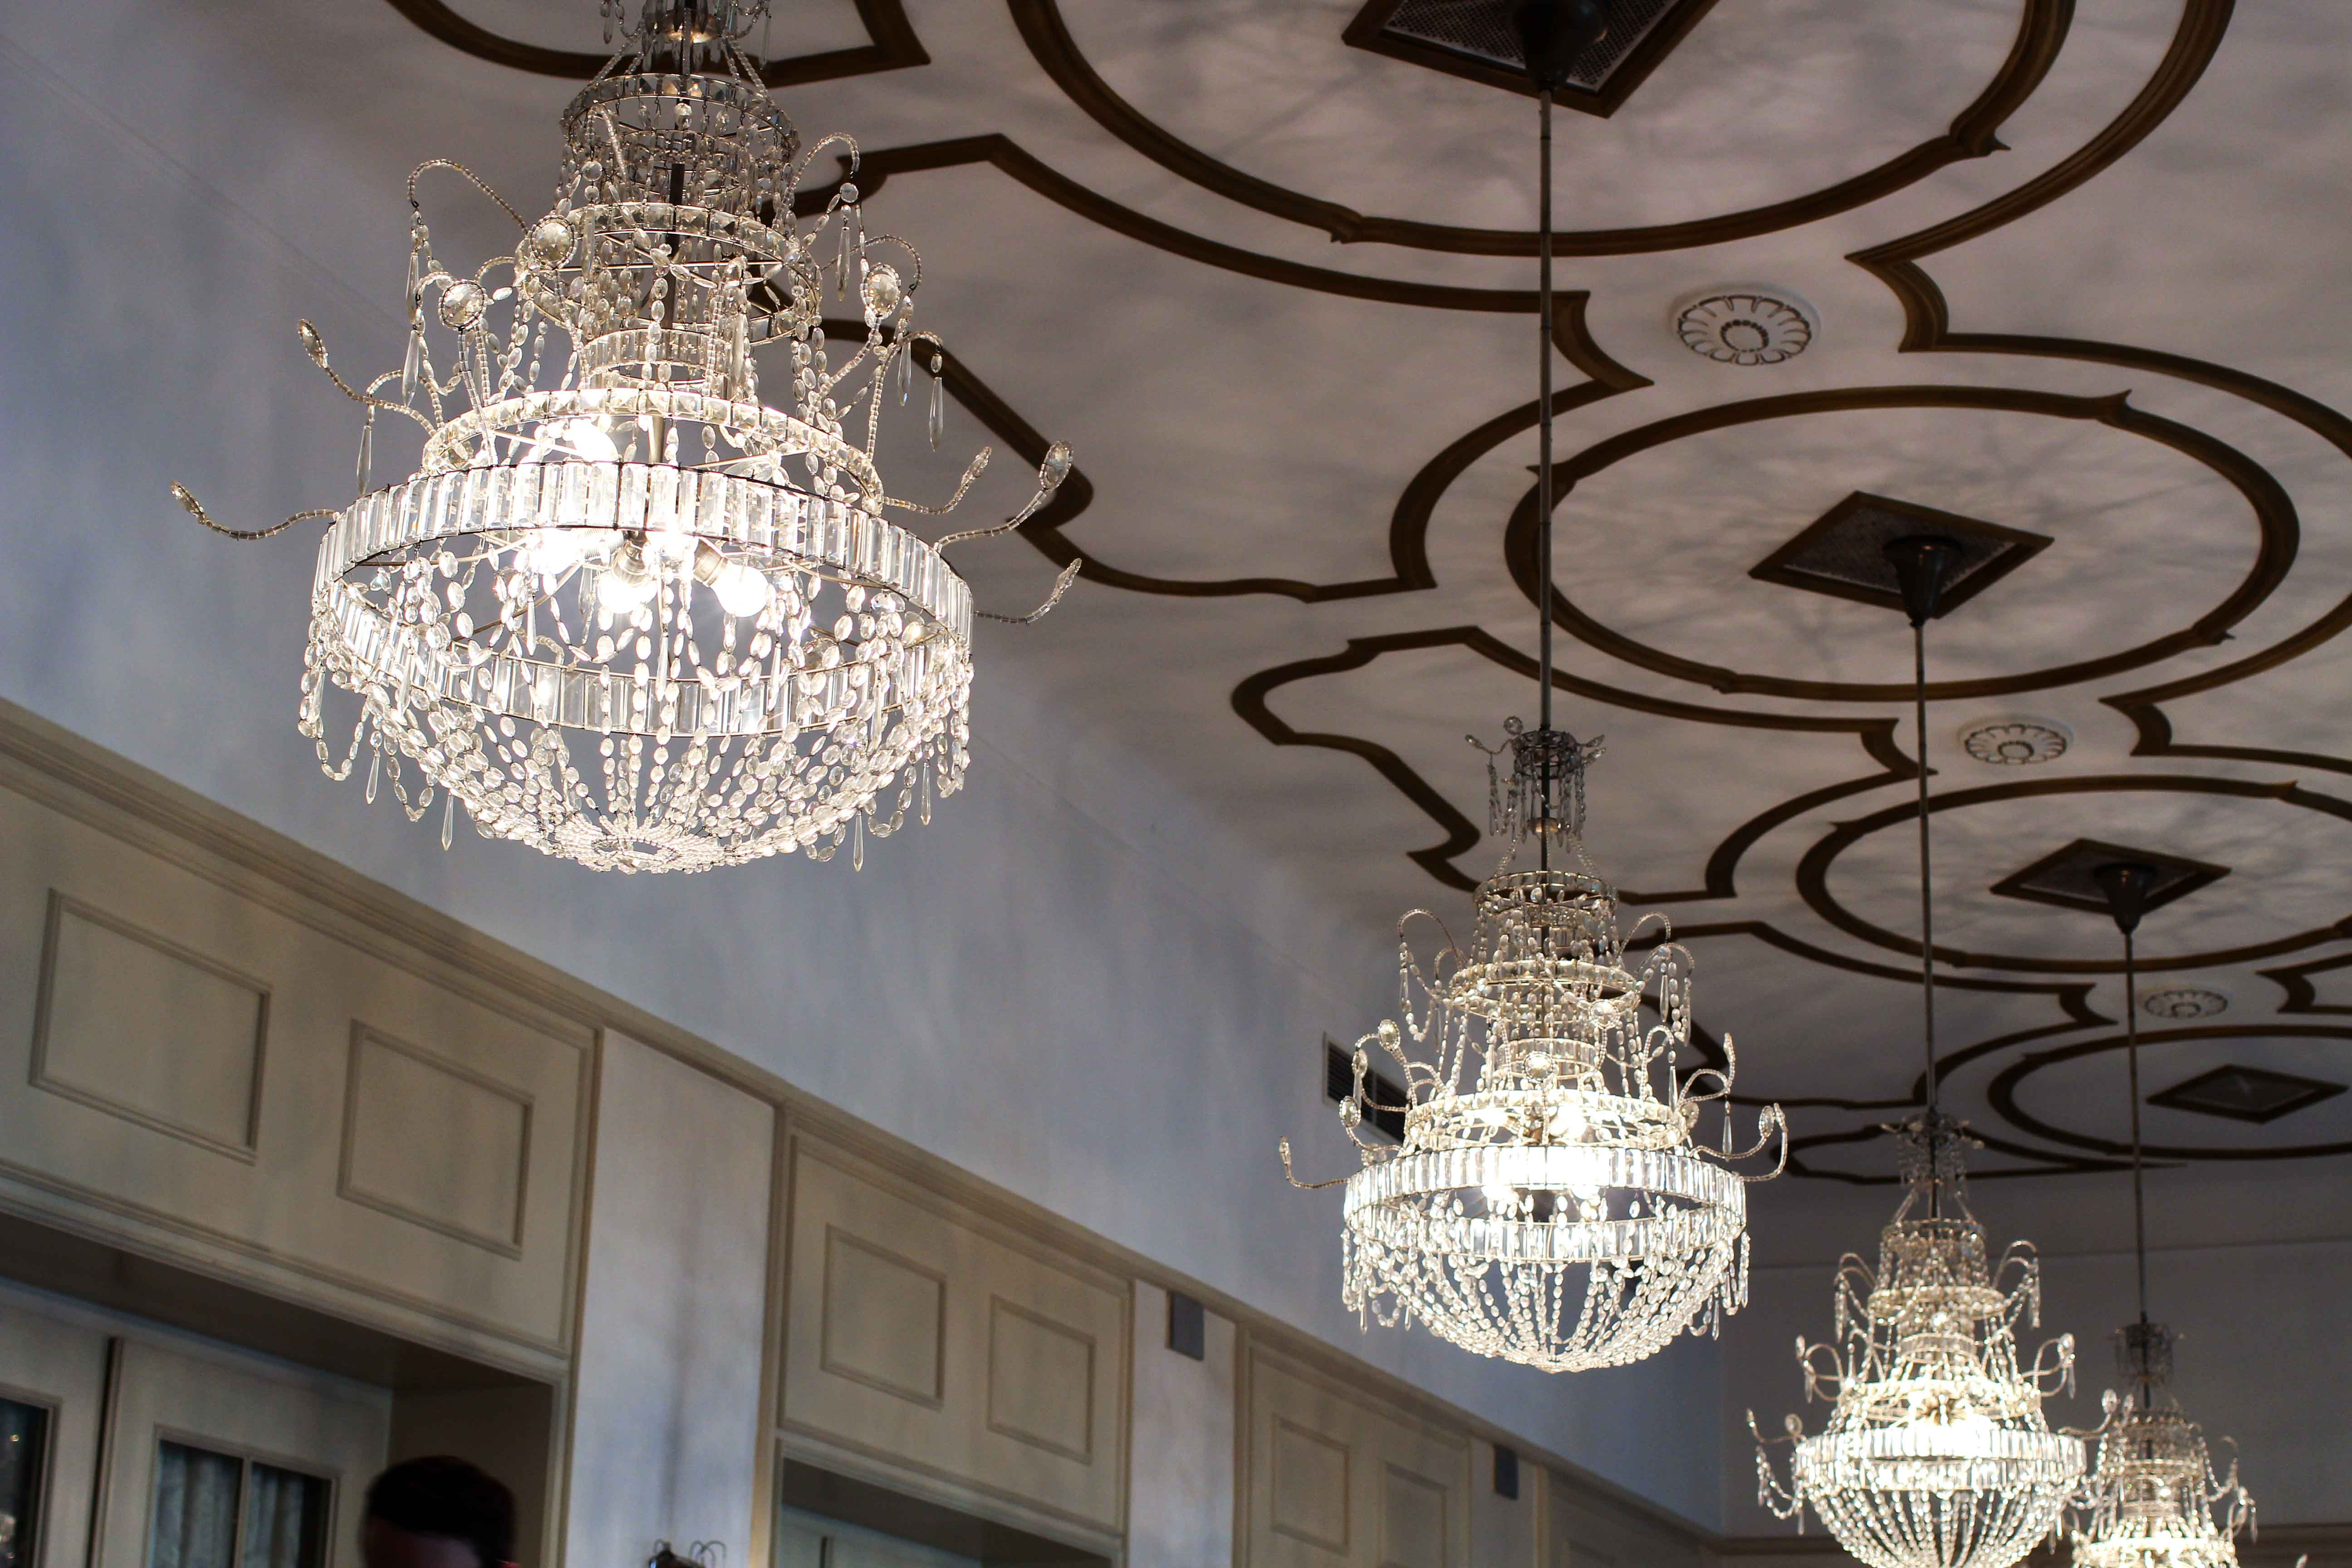 Schlosshotel Karlsruhe Kronleuchter Luxushotel Hotel Review Reiseblog Brinisfashionbook